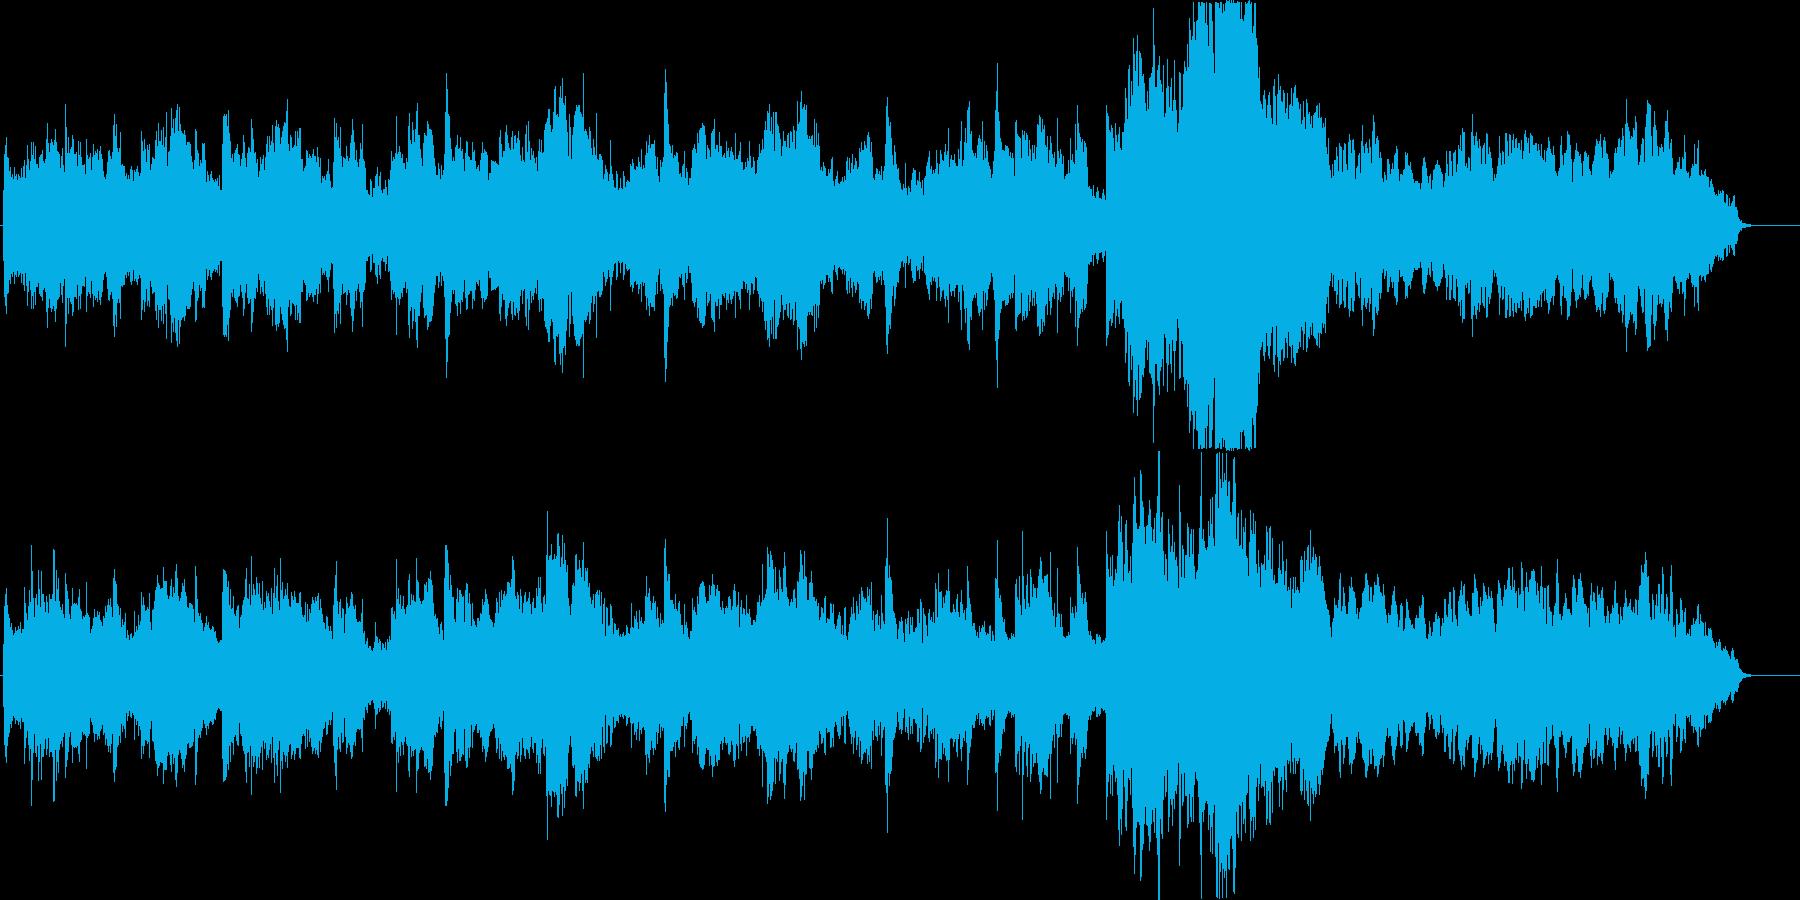 クラシック音楽を和風アレンジの再生済みの波形